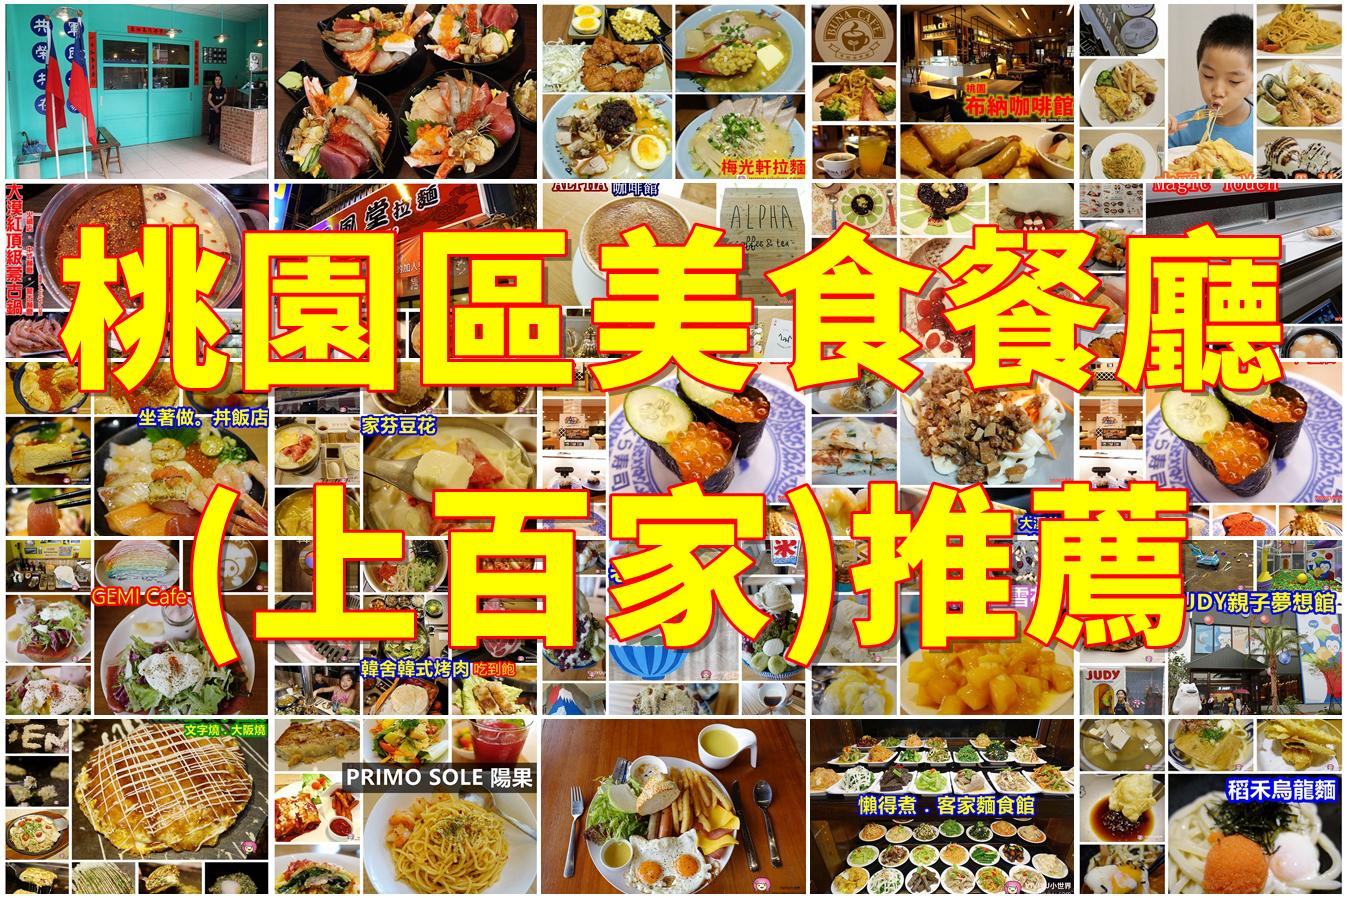 [桃園.美食]桃園市美食餐廳(136家)推薦~懶人包持續更新至2016/8/26